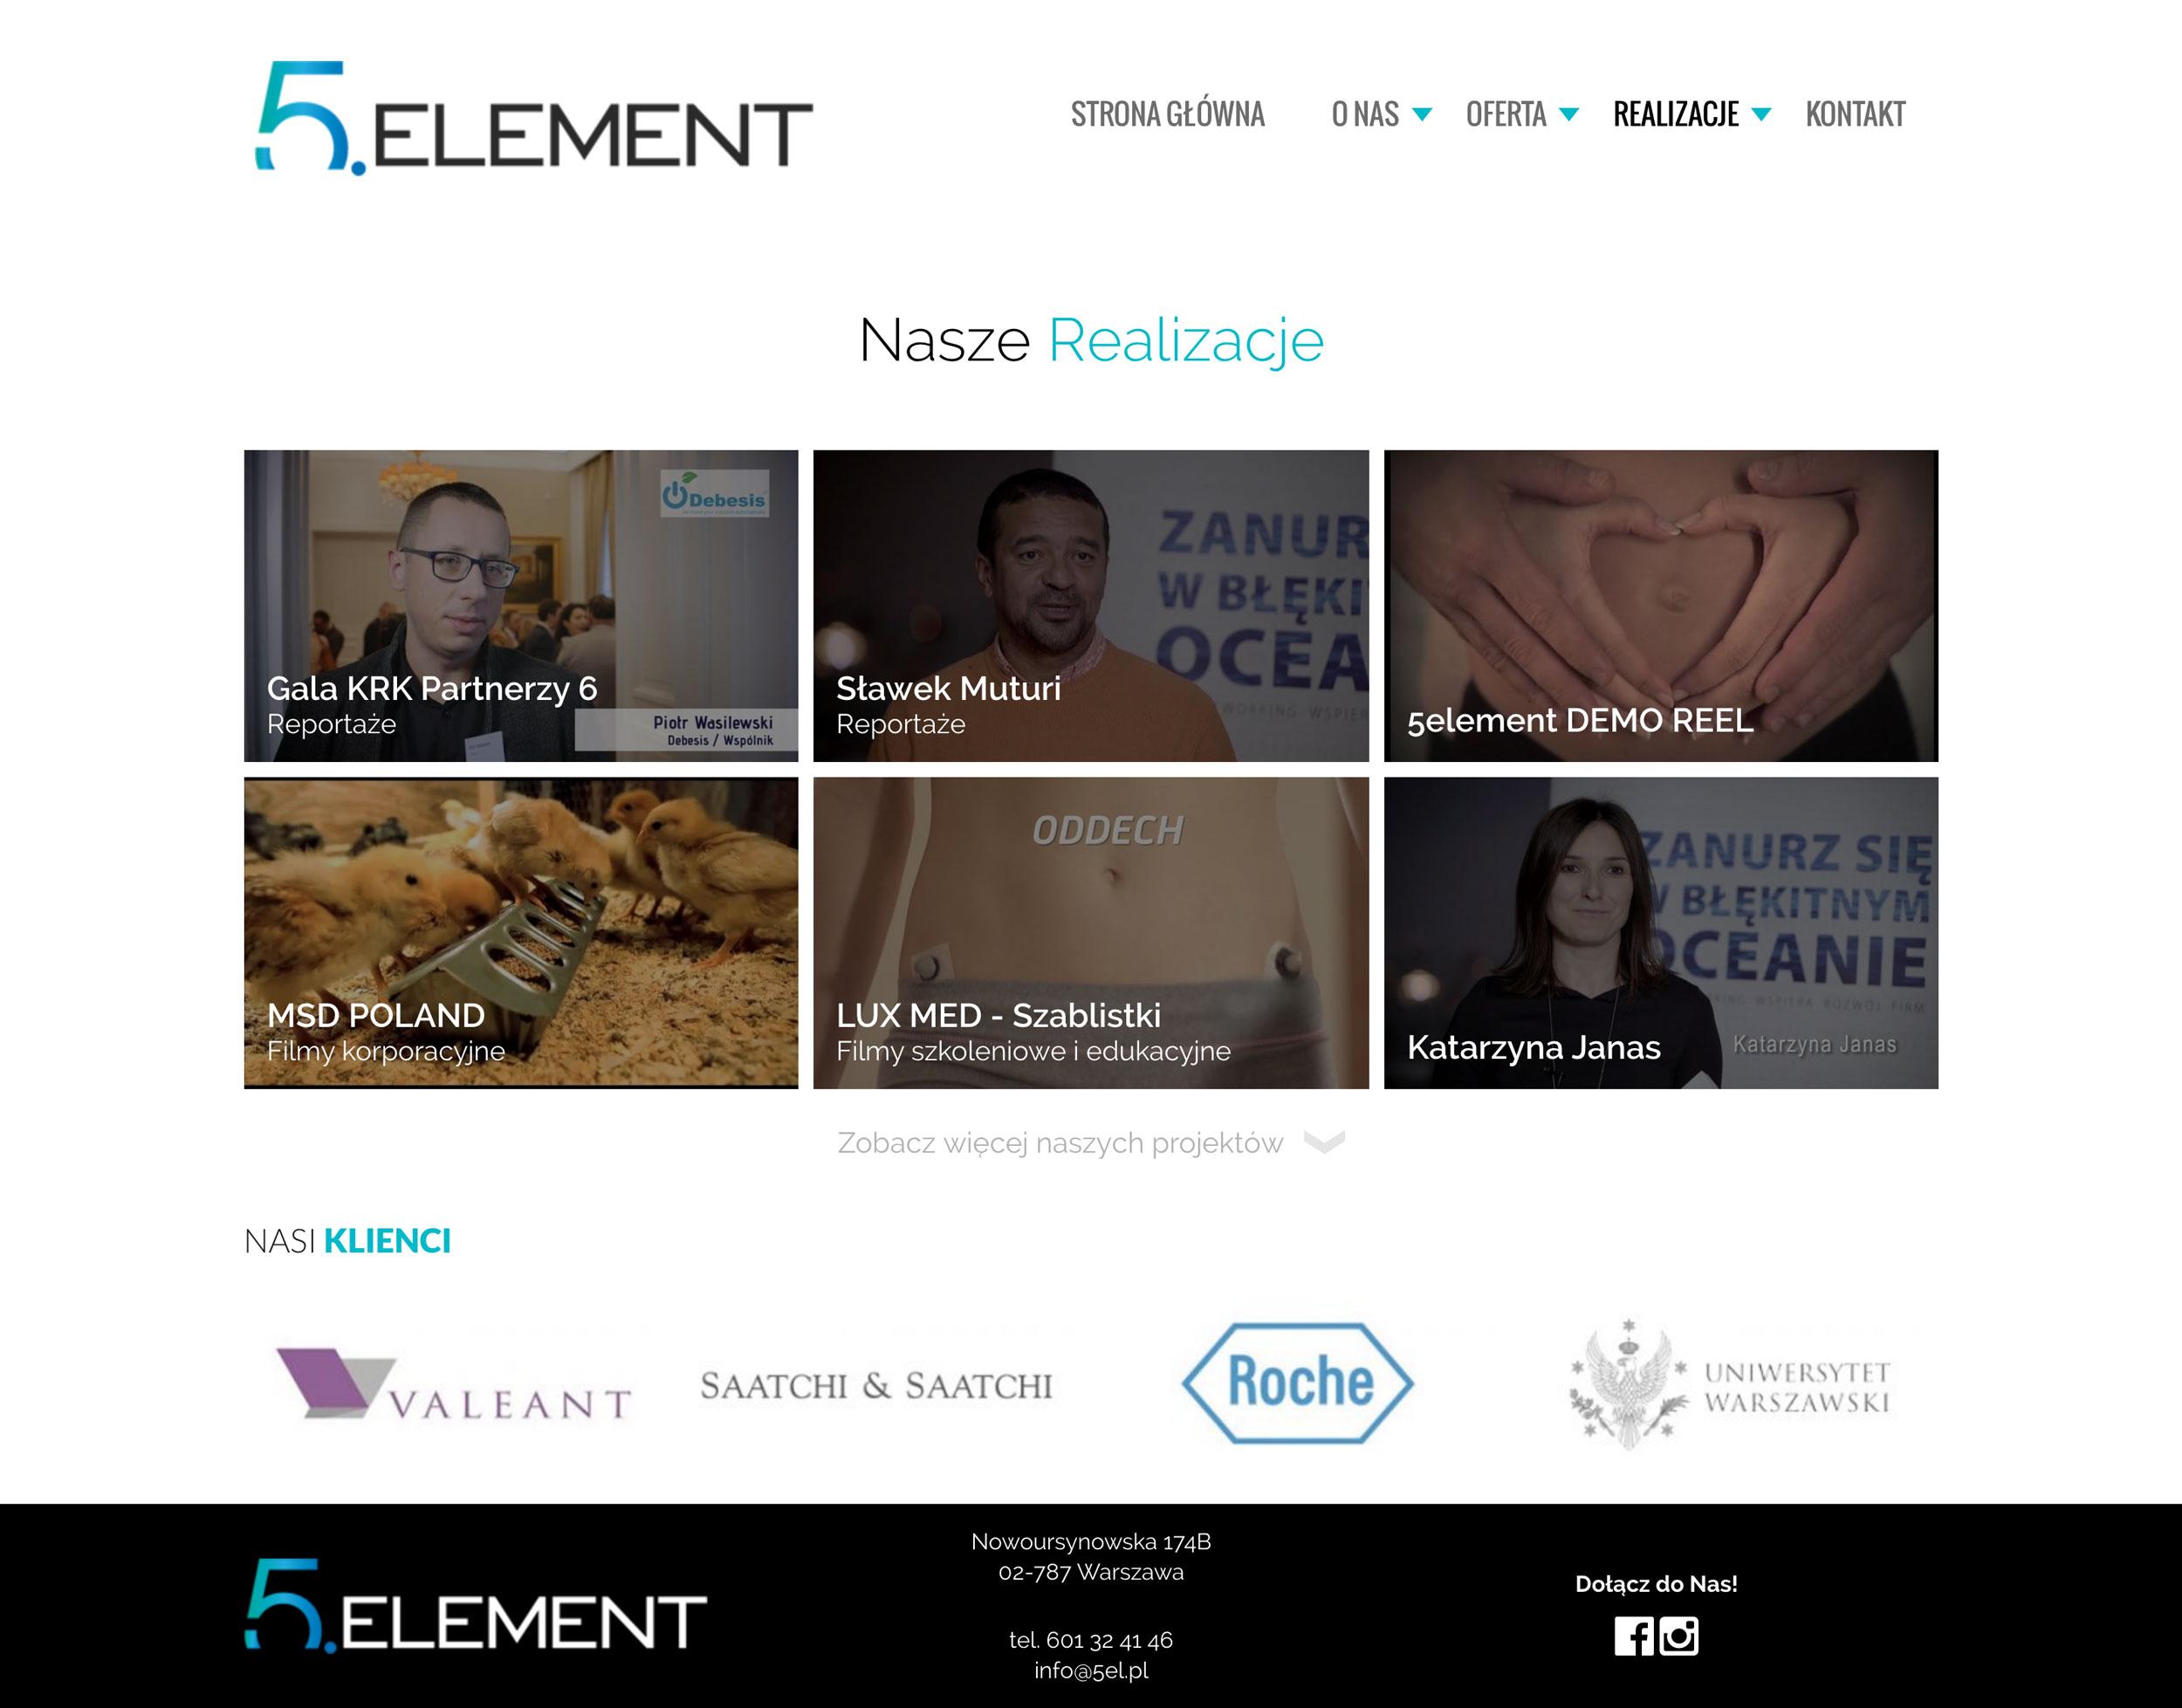 5 Element - Realizacje